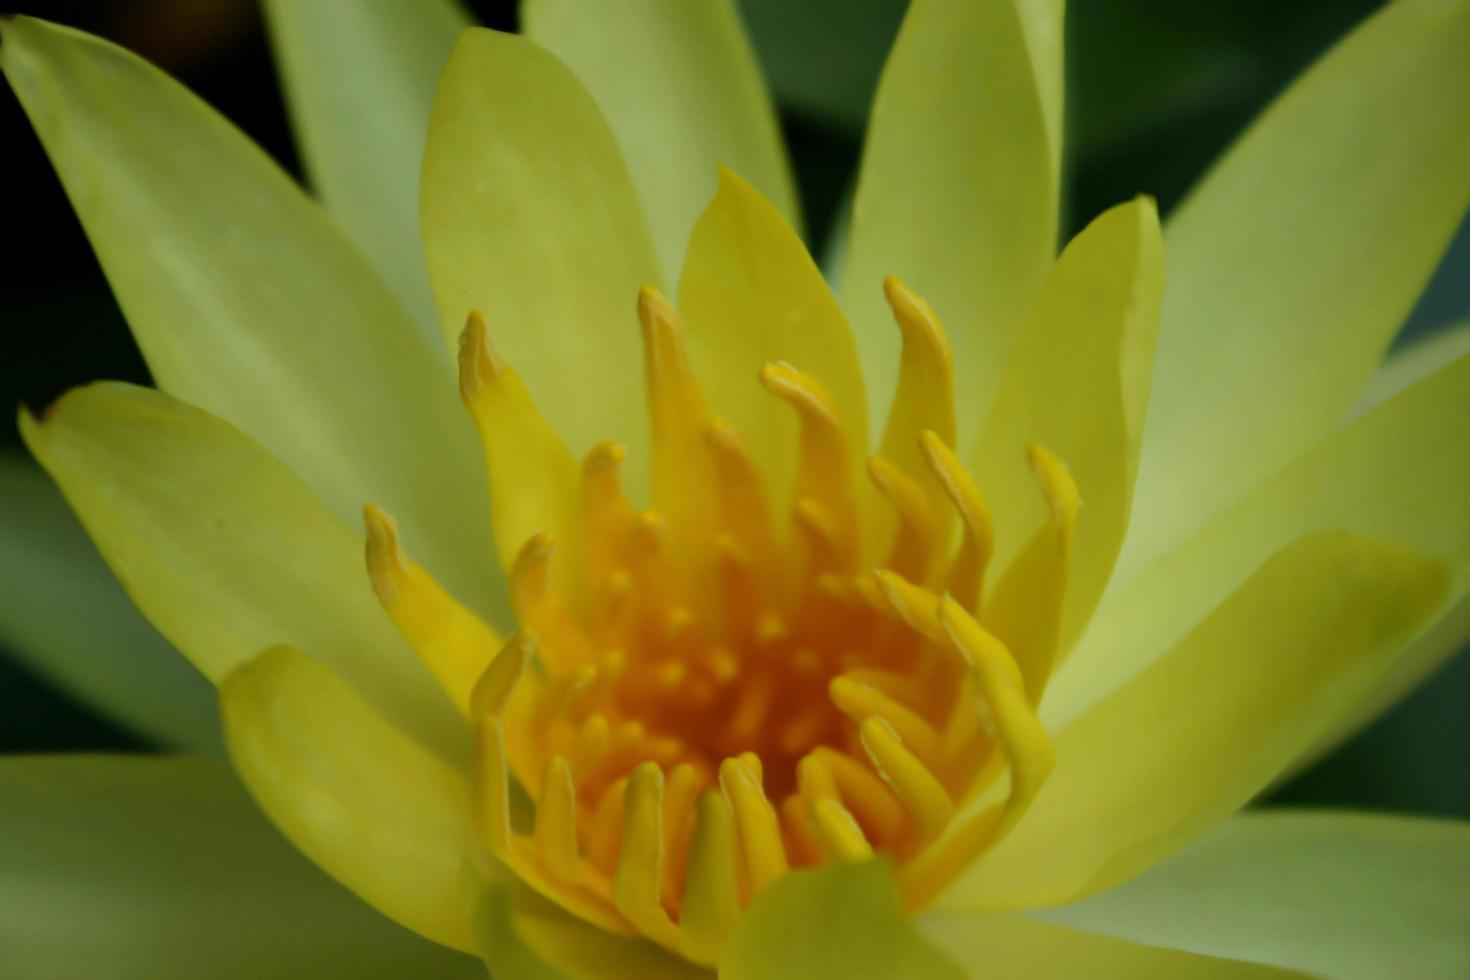 fiore di loto giallo sul nero foto